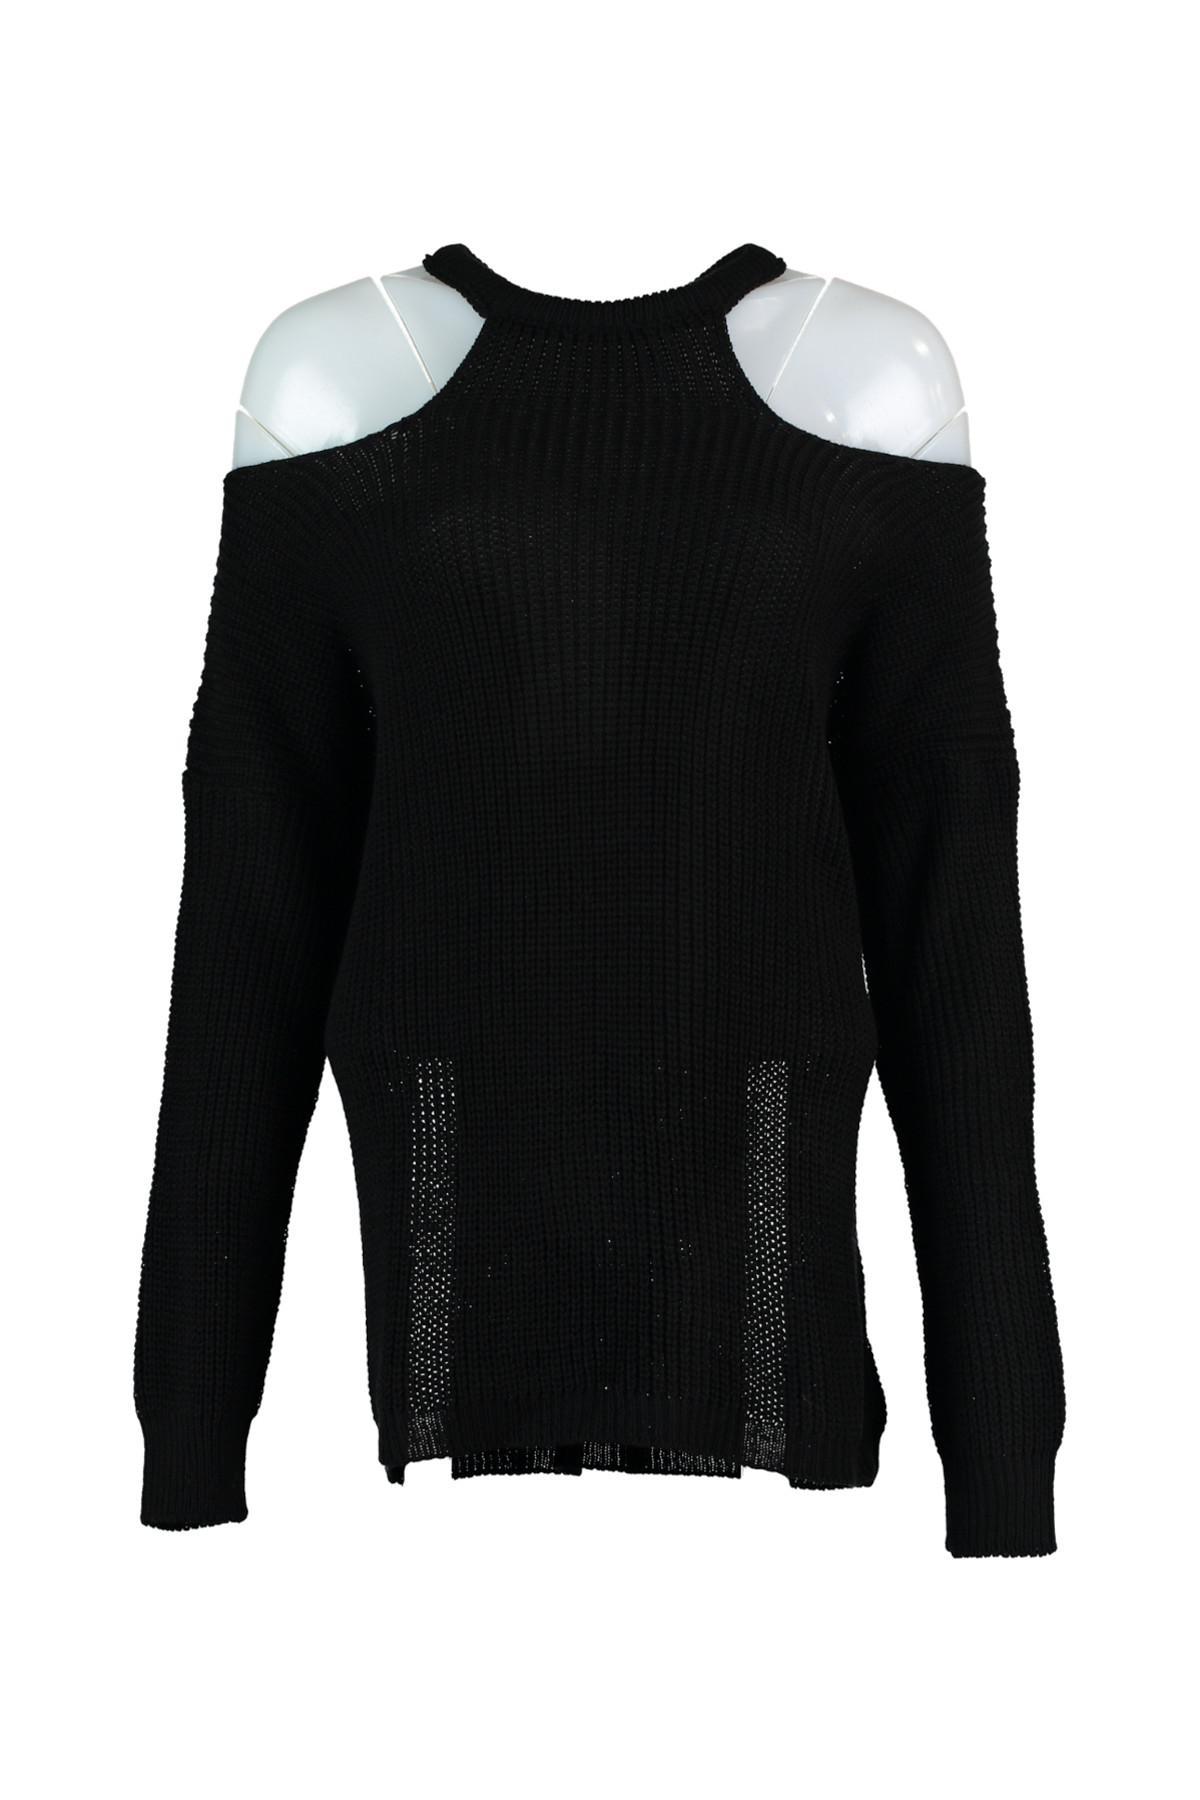 Trendyol WOMEN-Black Cut-Out Detail Sweater Sweater TWOAW20FV0035